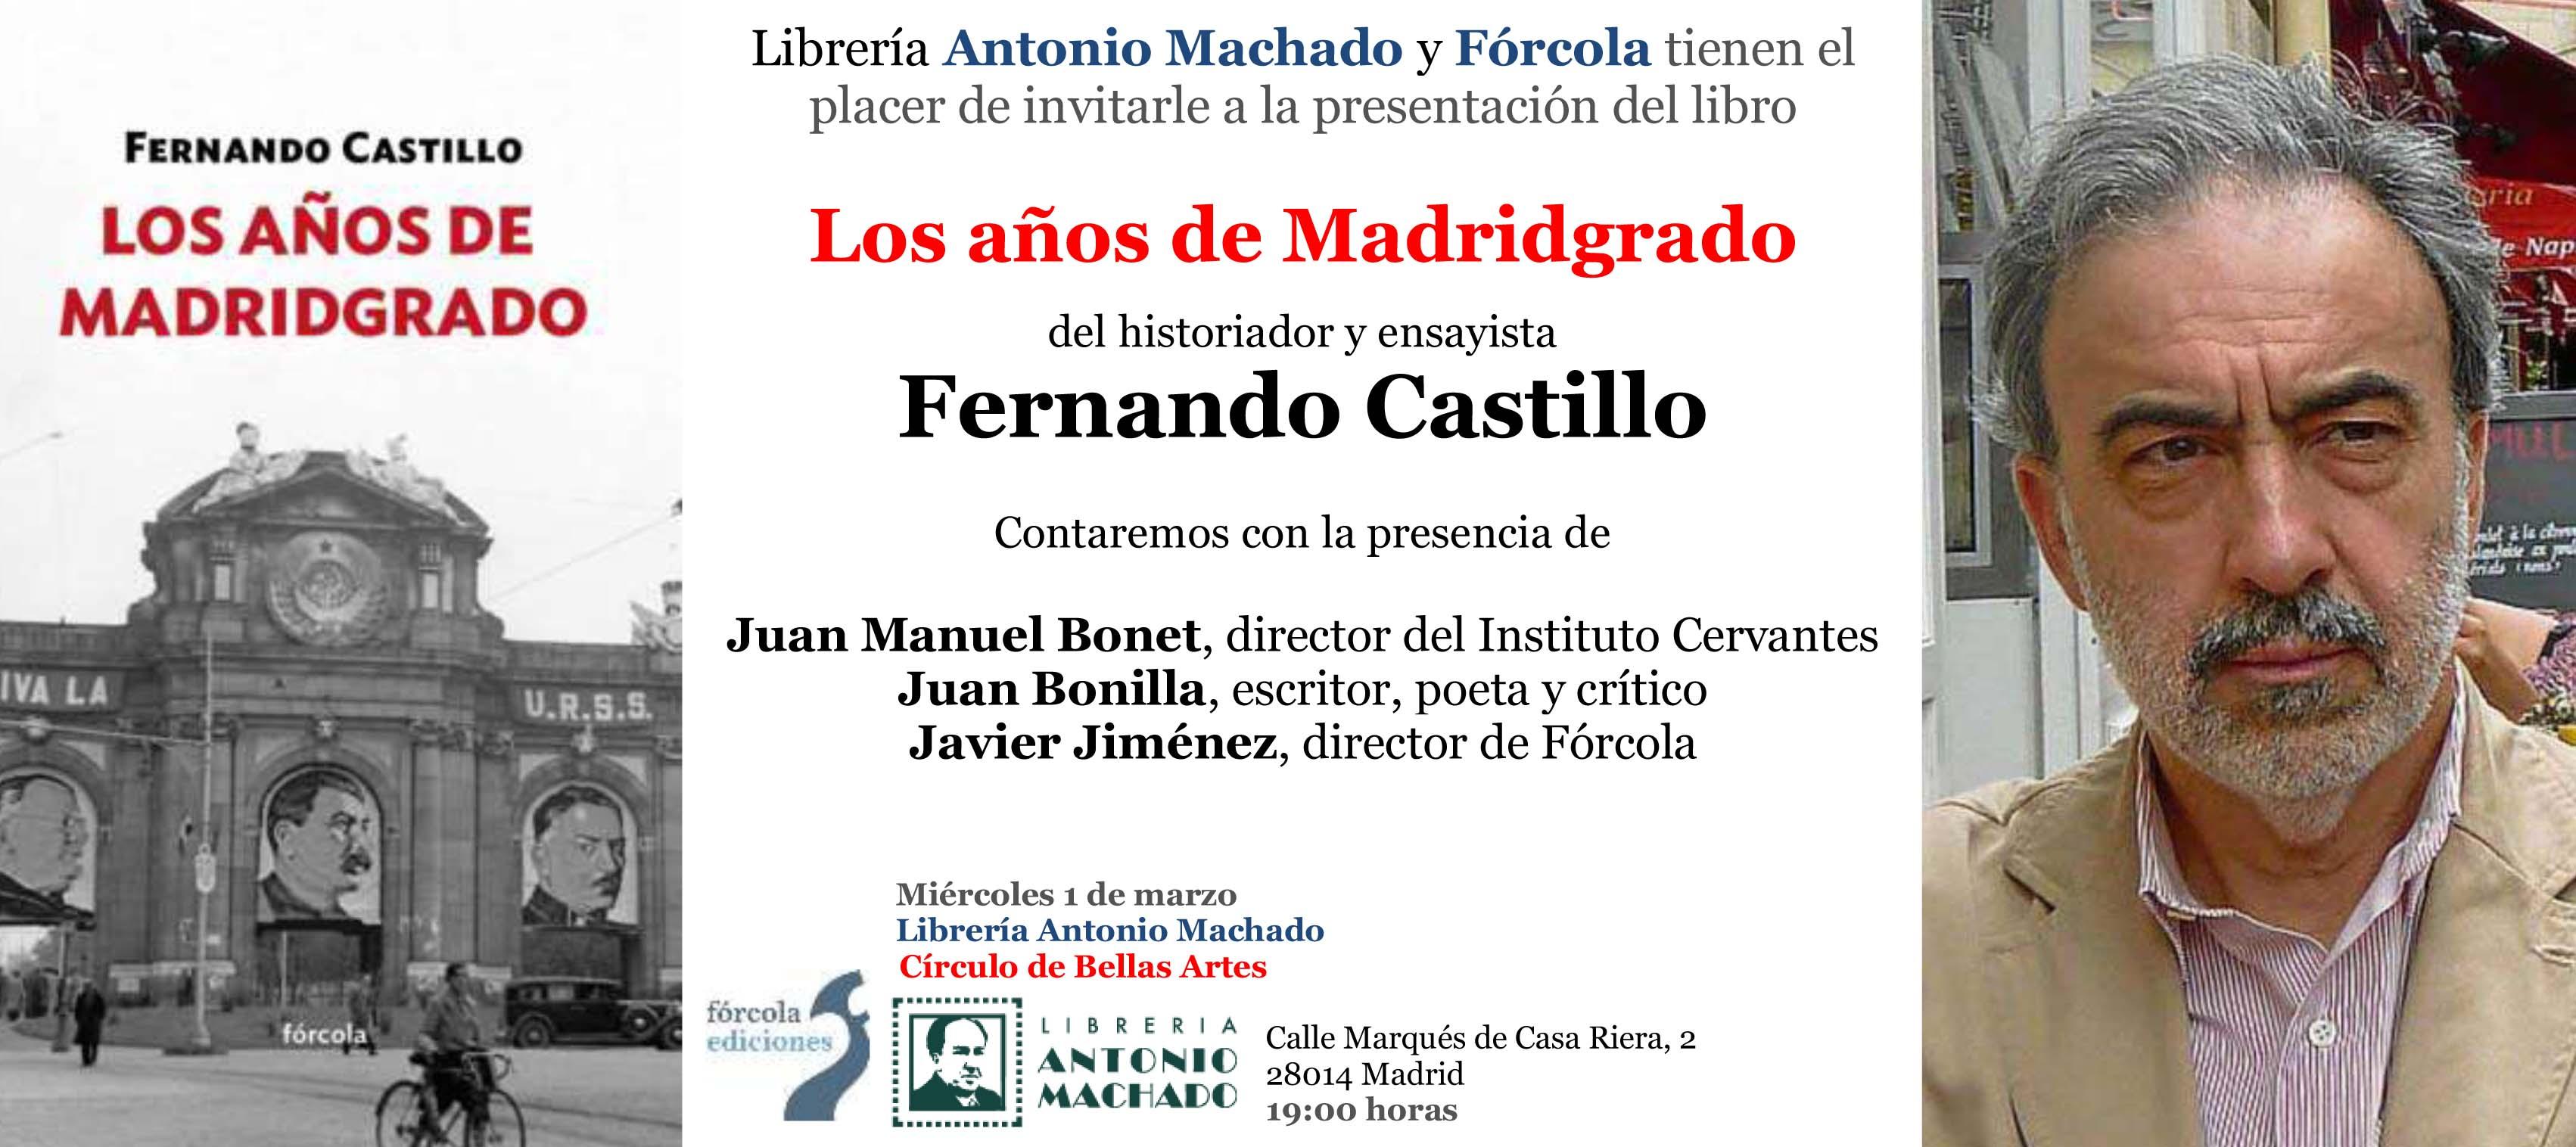 Invitacion_Forcola_Madridgrado